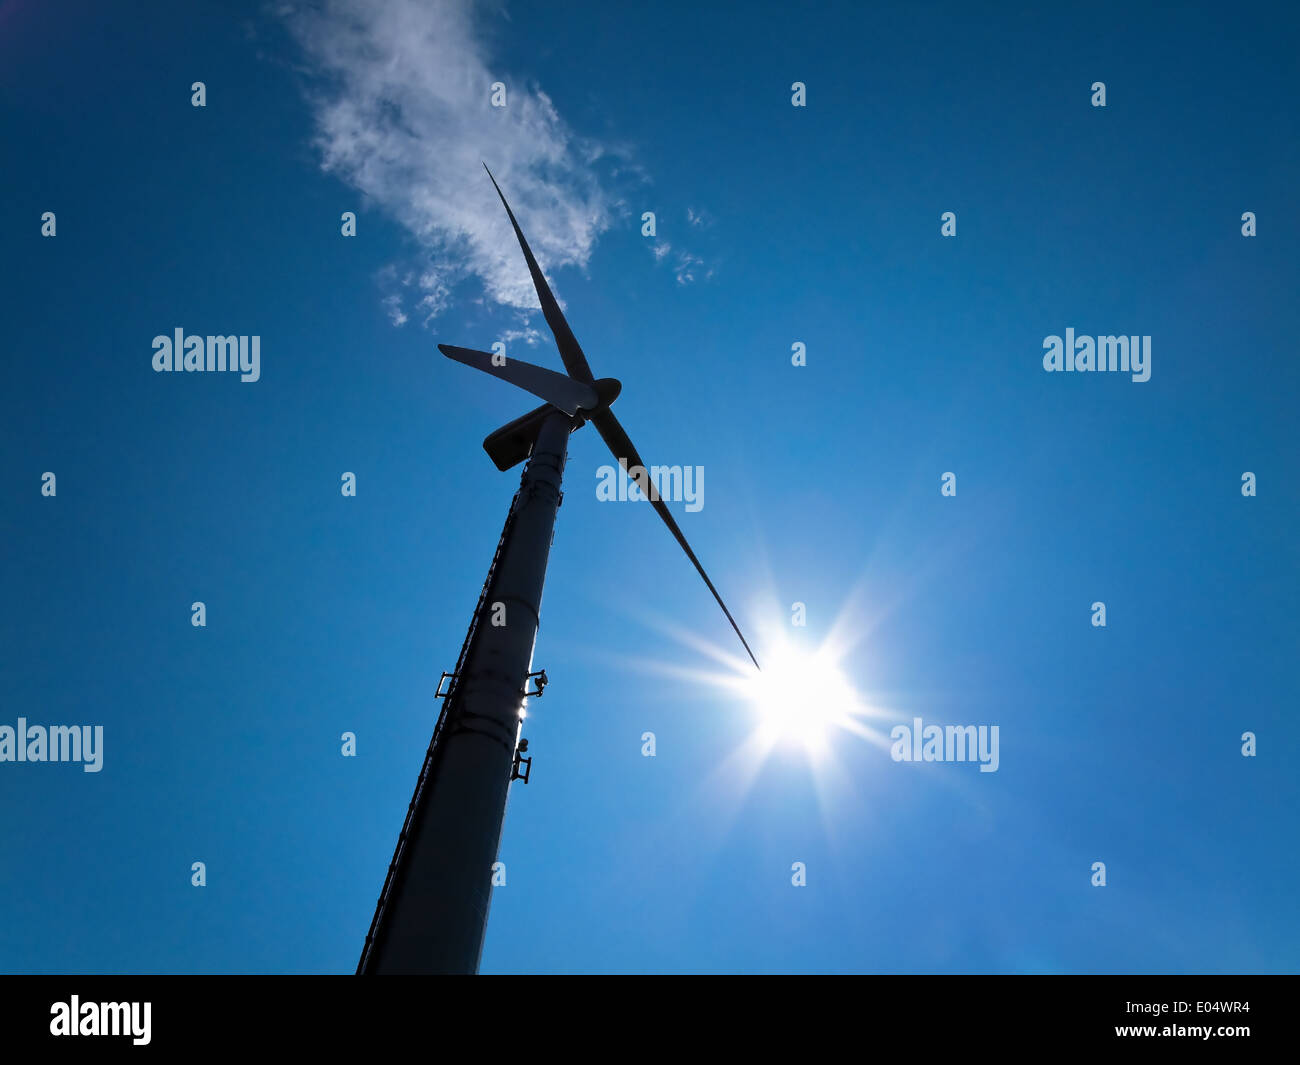 L'energia eolica alternativa energia di flusso dalla turbina eolica con blue Hmmel, Windenergie-Alternative Strom Energie durch Windrad mit b Immagini Stock